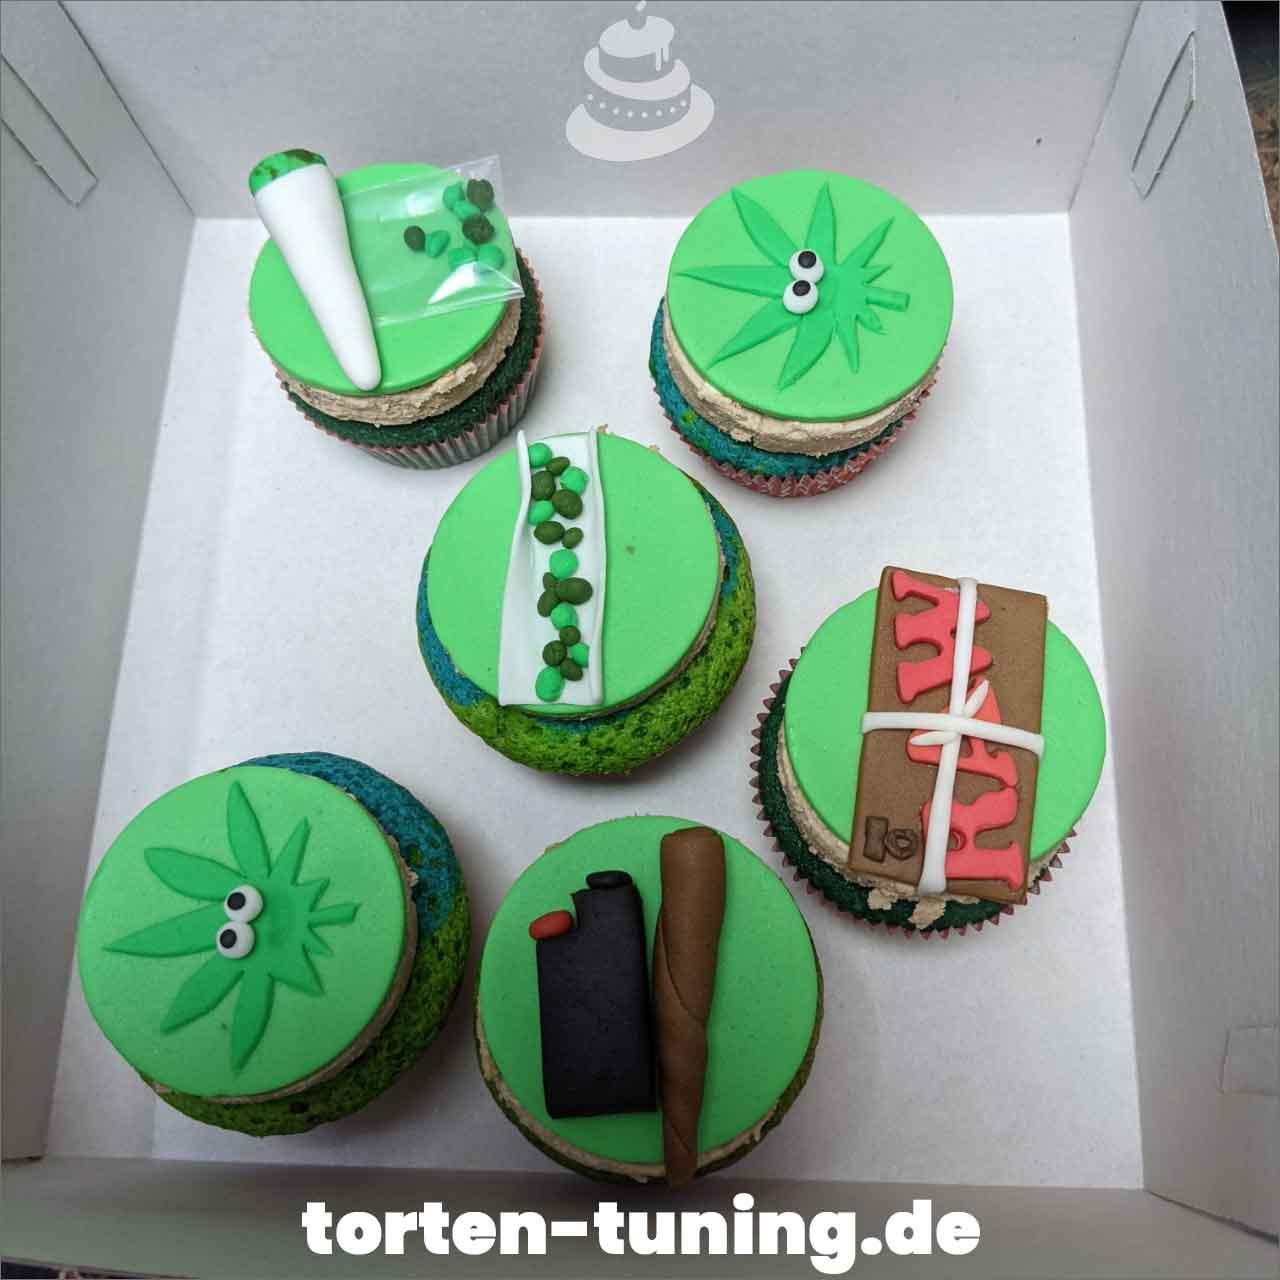 Kiffer Cupcakes Dripcake Obsttorte Geburtstagstorte Motivtorte Torte Tortendekoration Torte online bestellen Suhl Thüringen Torten Tuning Sahnetorte Tortenfiguren Cake Topper